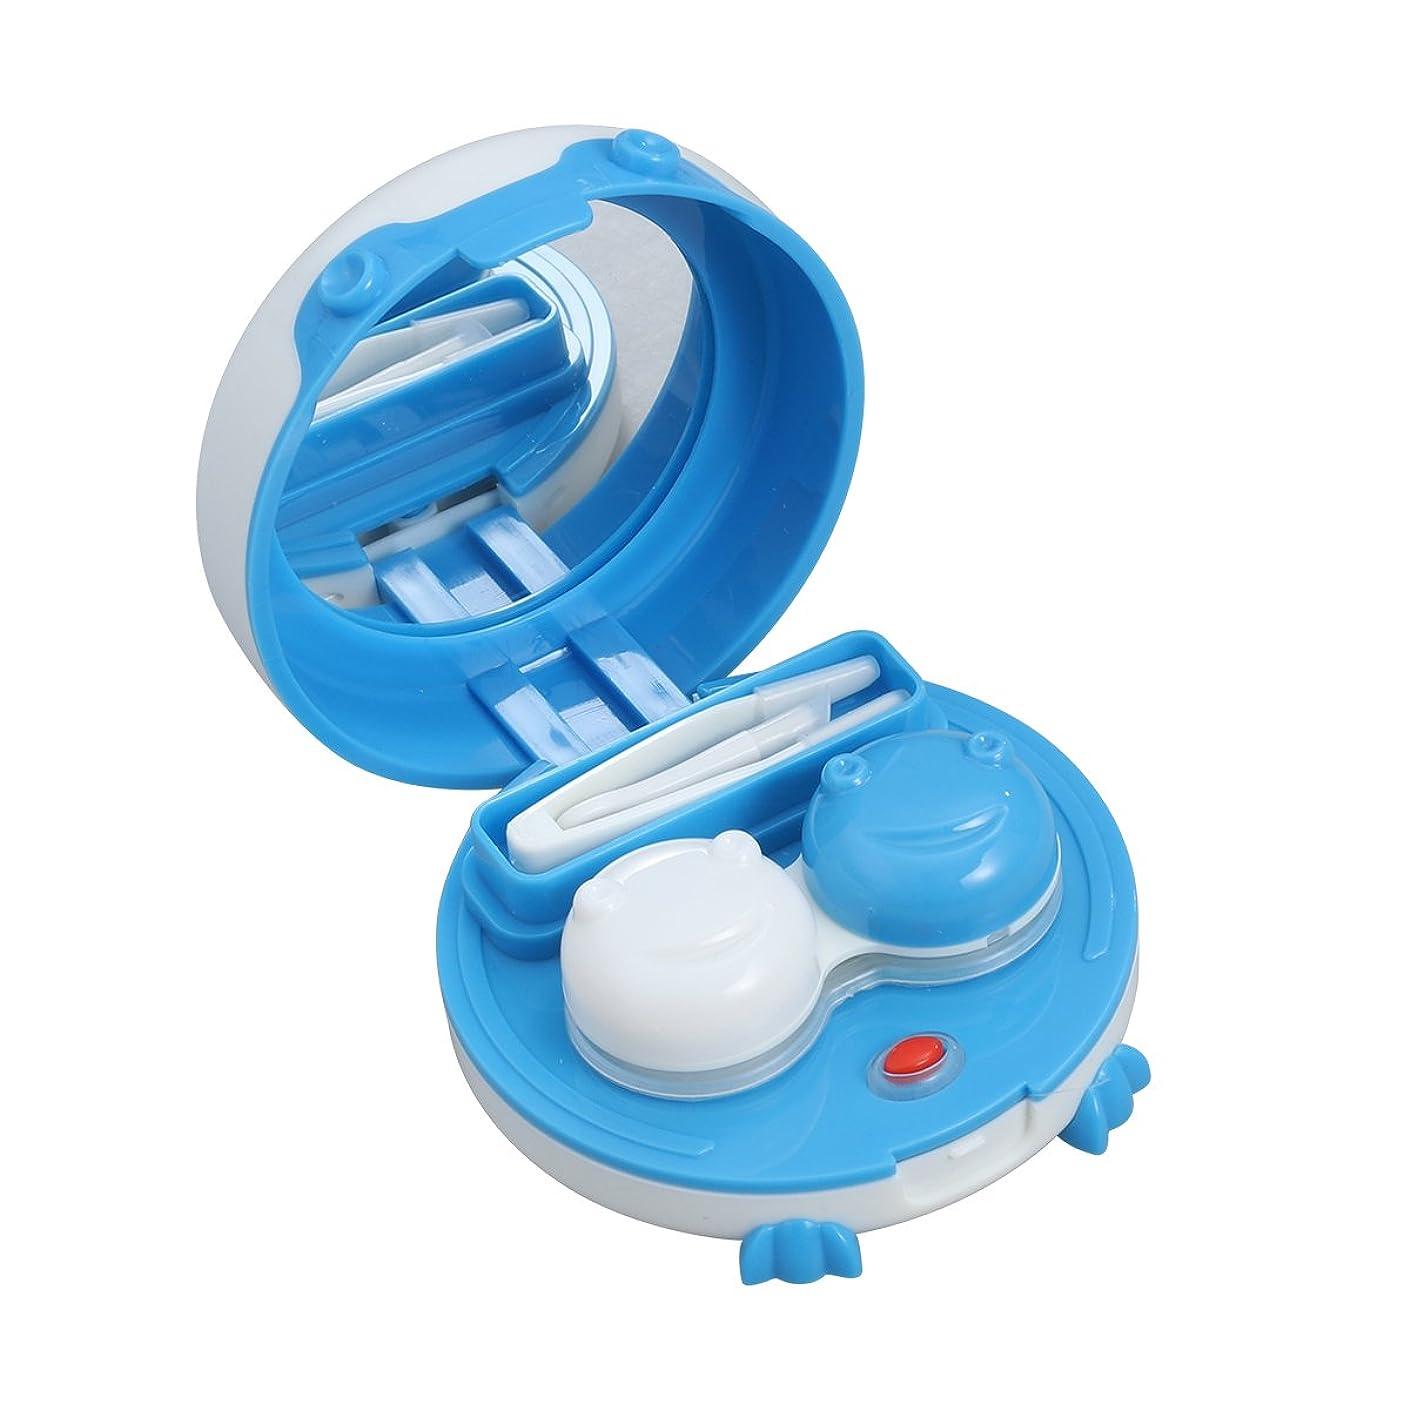 抗生物質装置操作家庭用およびトラベル用ミラーピンセットアプリケータおよびソリューションボトルレンズ収納ボックスコンテナ付きコンタクトレンズトラベルケースホルダー